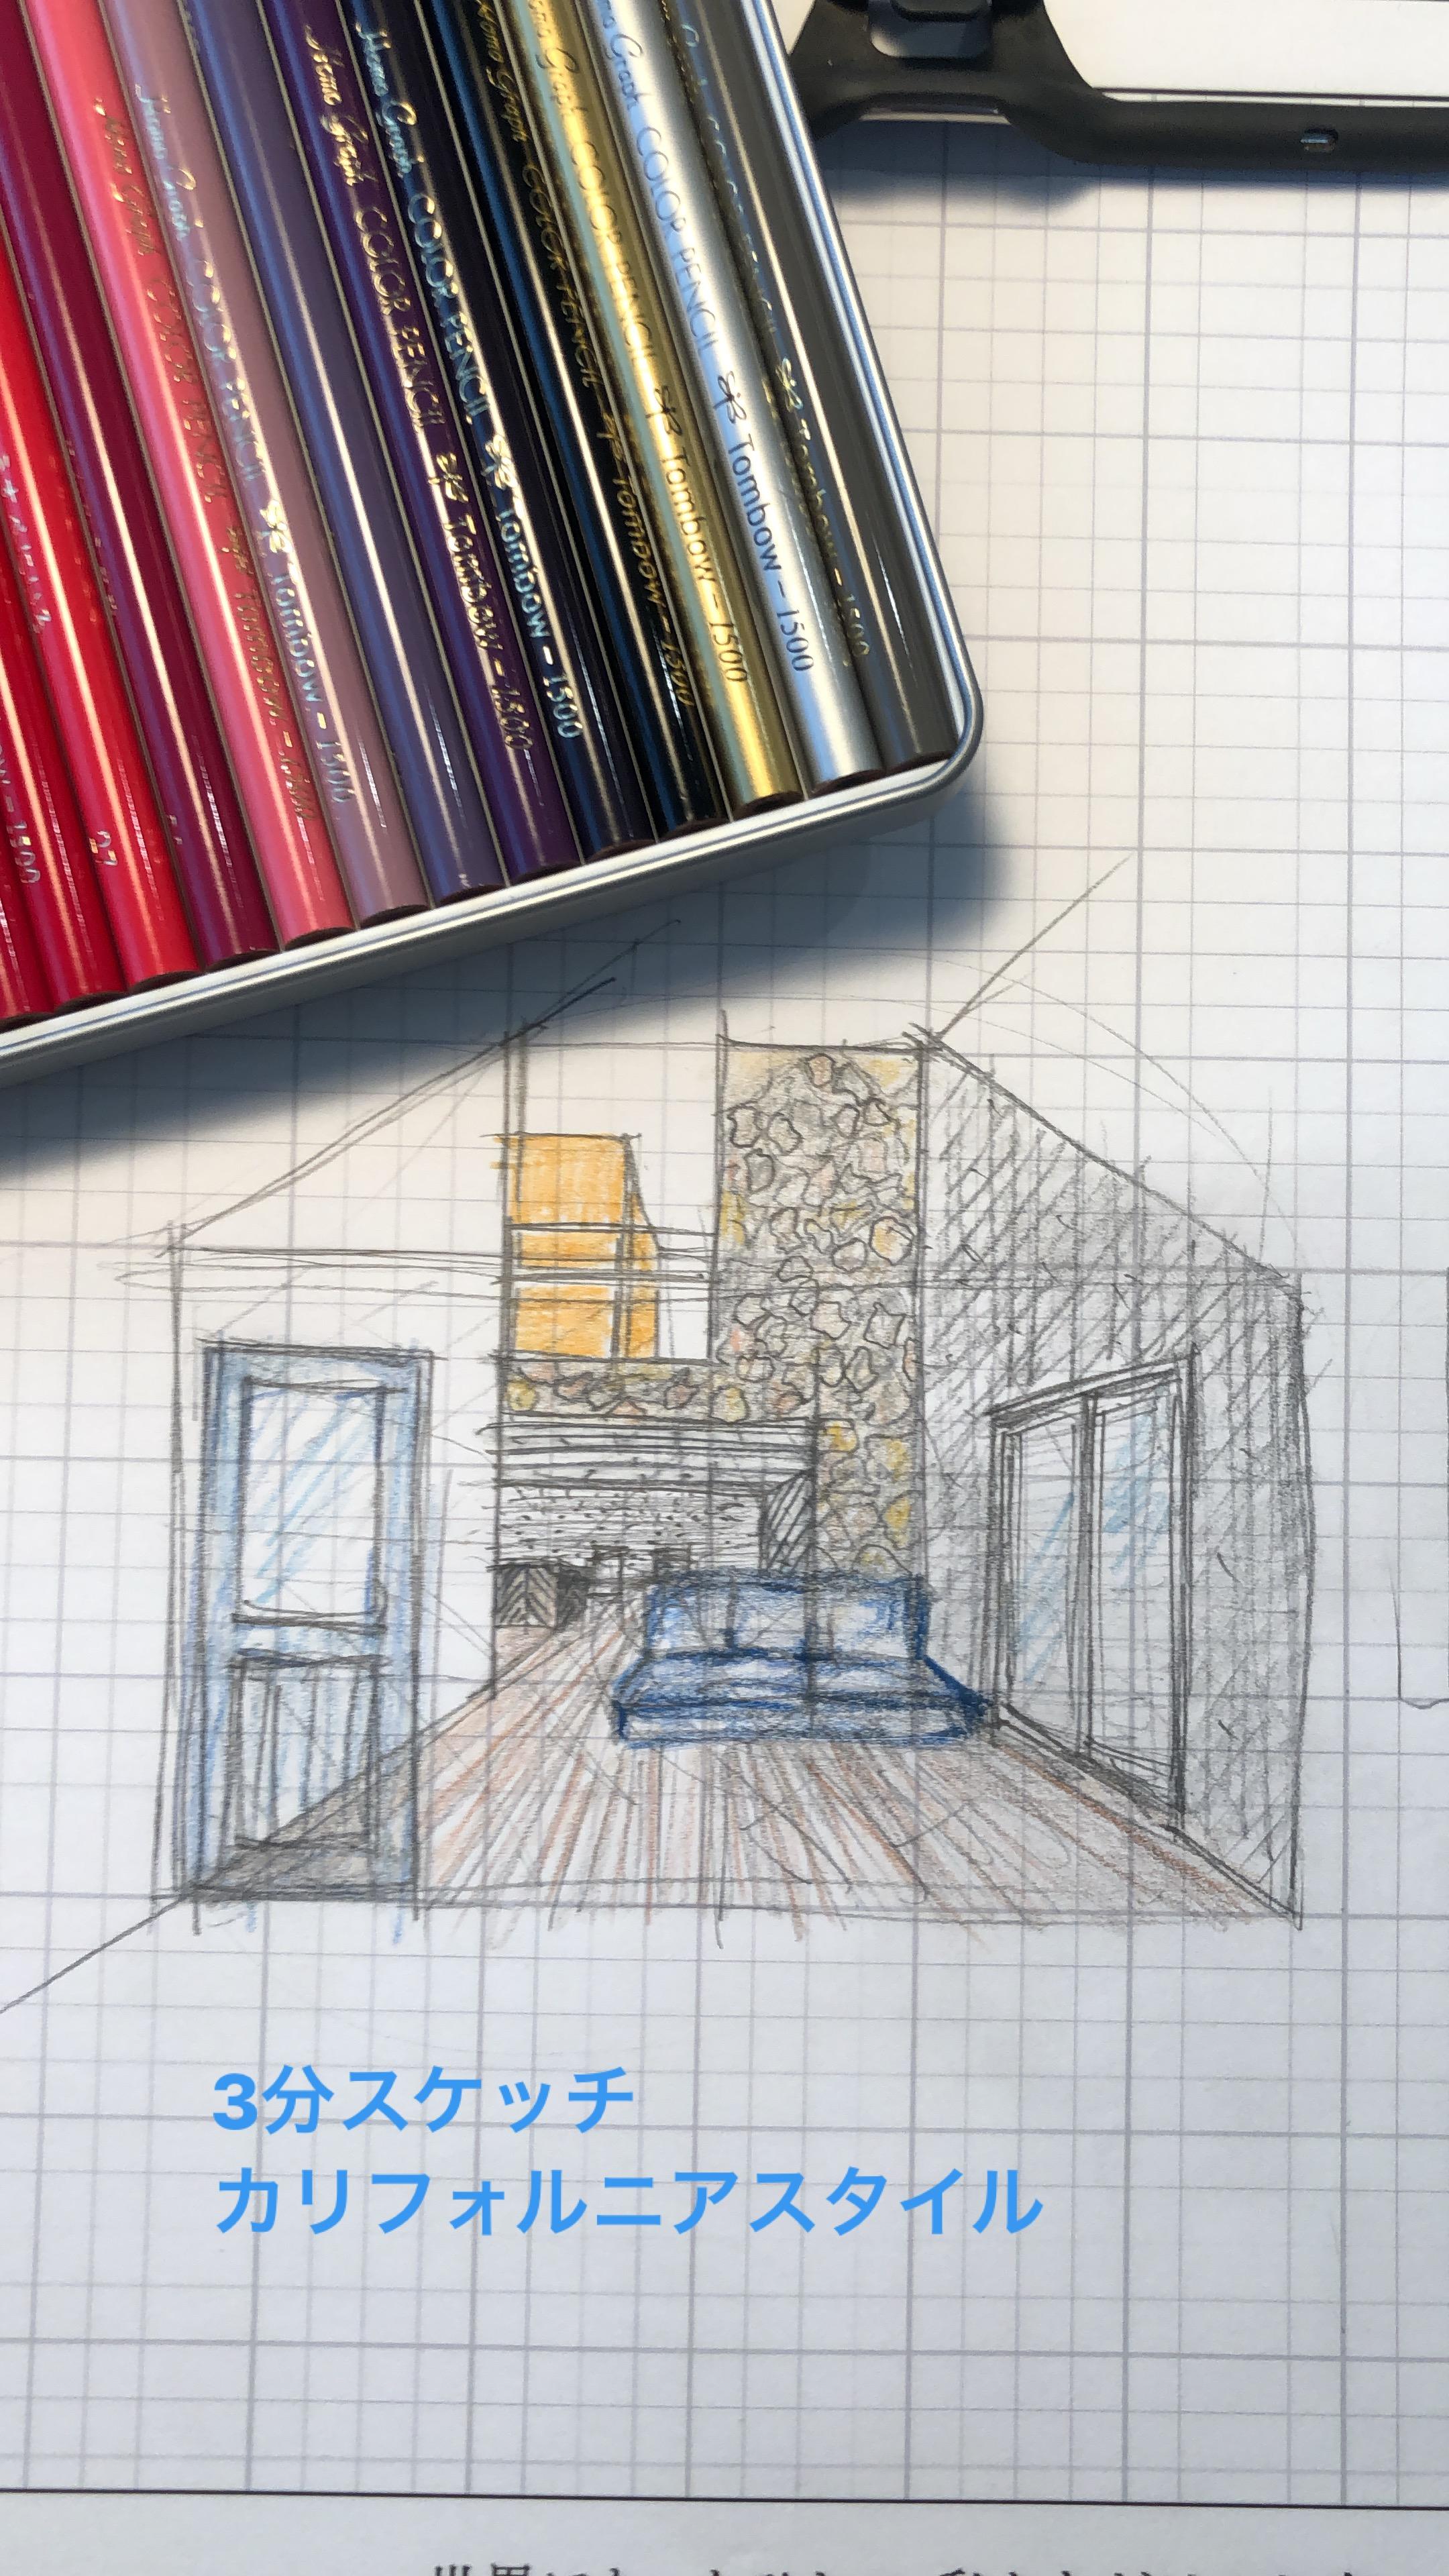 山梨県の工務店、未来建築工房とつくる注文住宅。|カリフォルニアスタイル